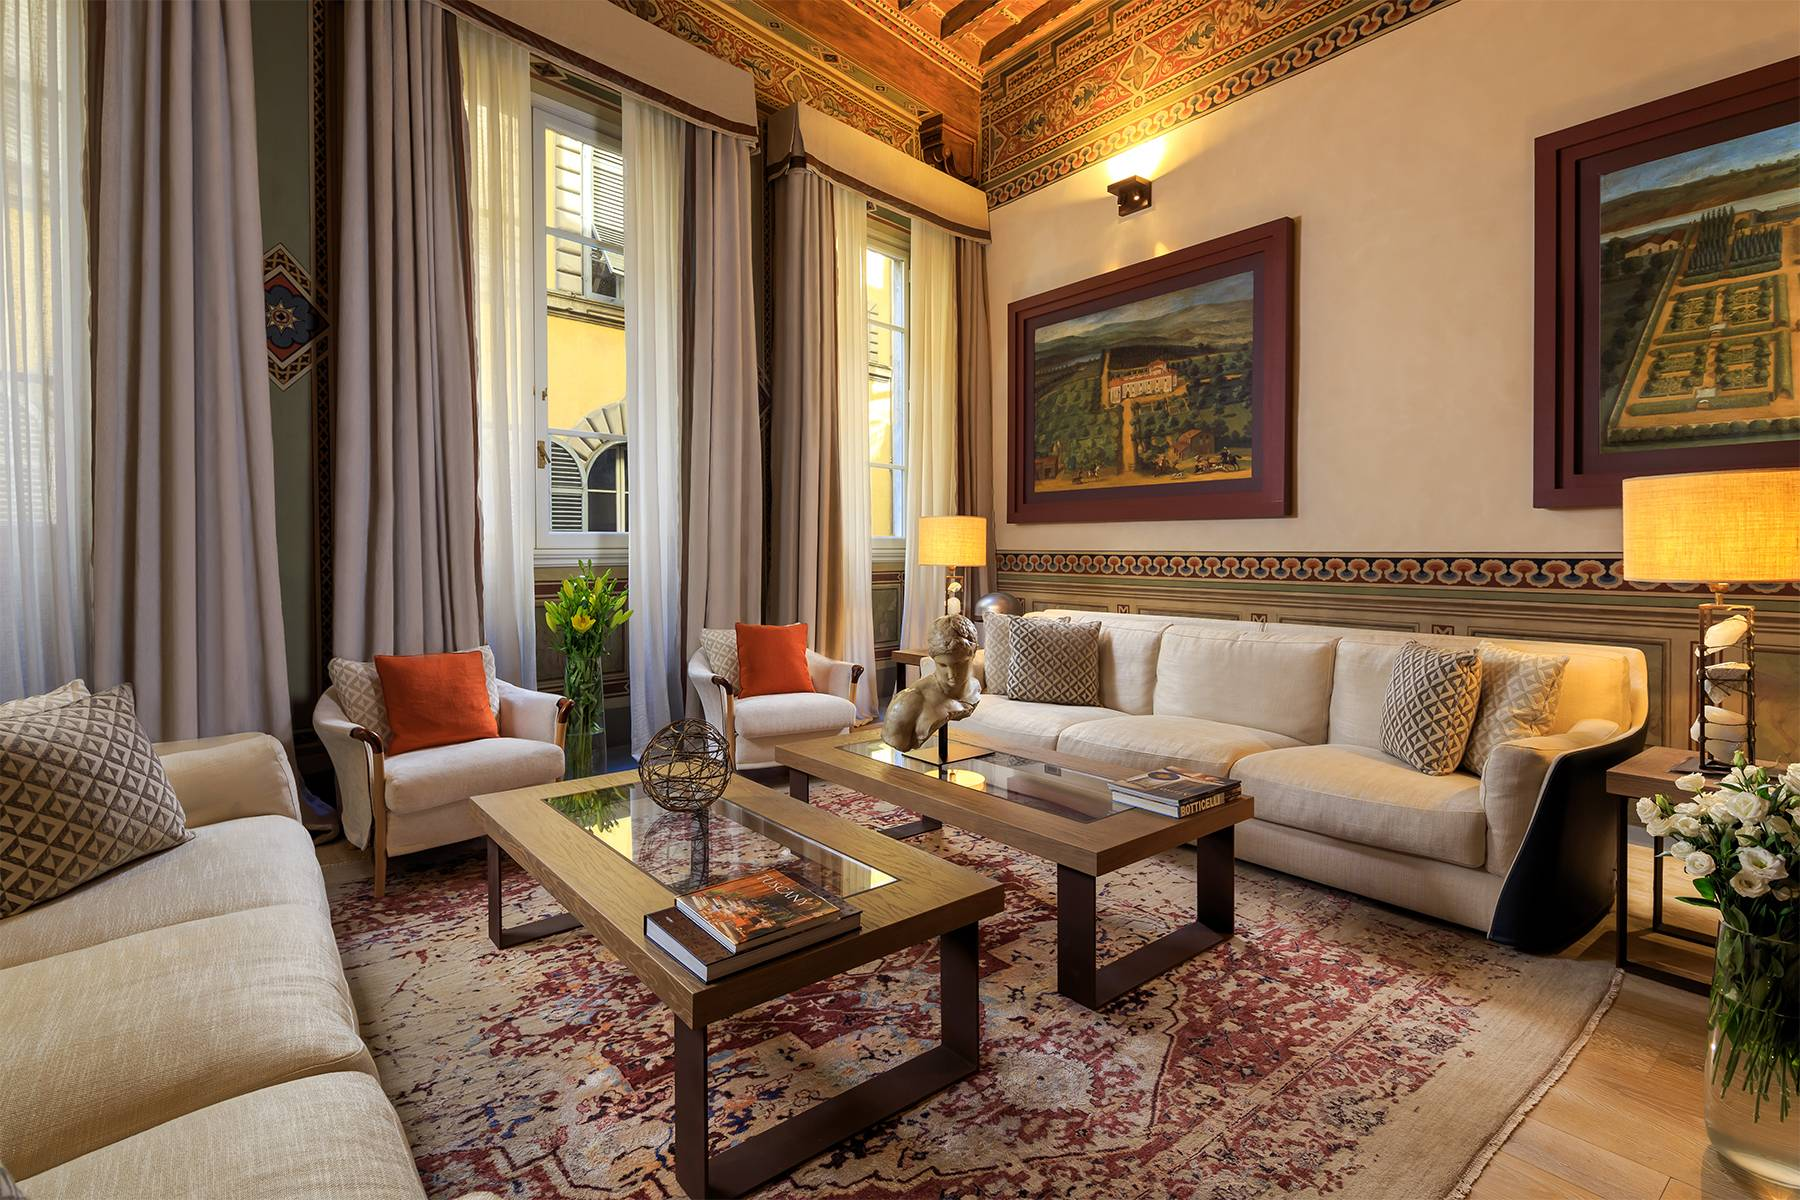 Современная квартира модерн в историческом Палаццо - 1